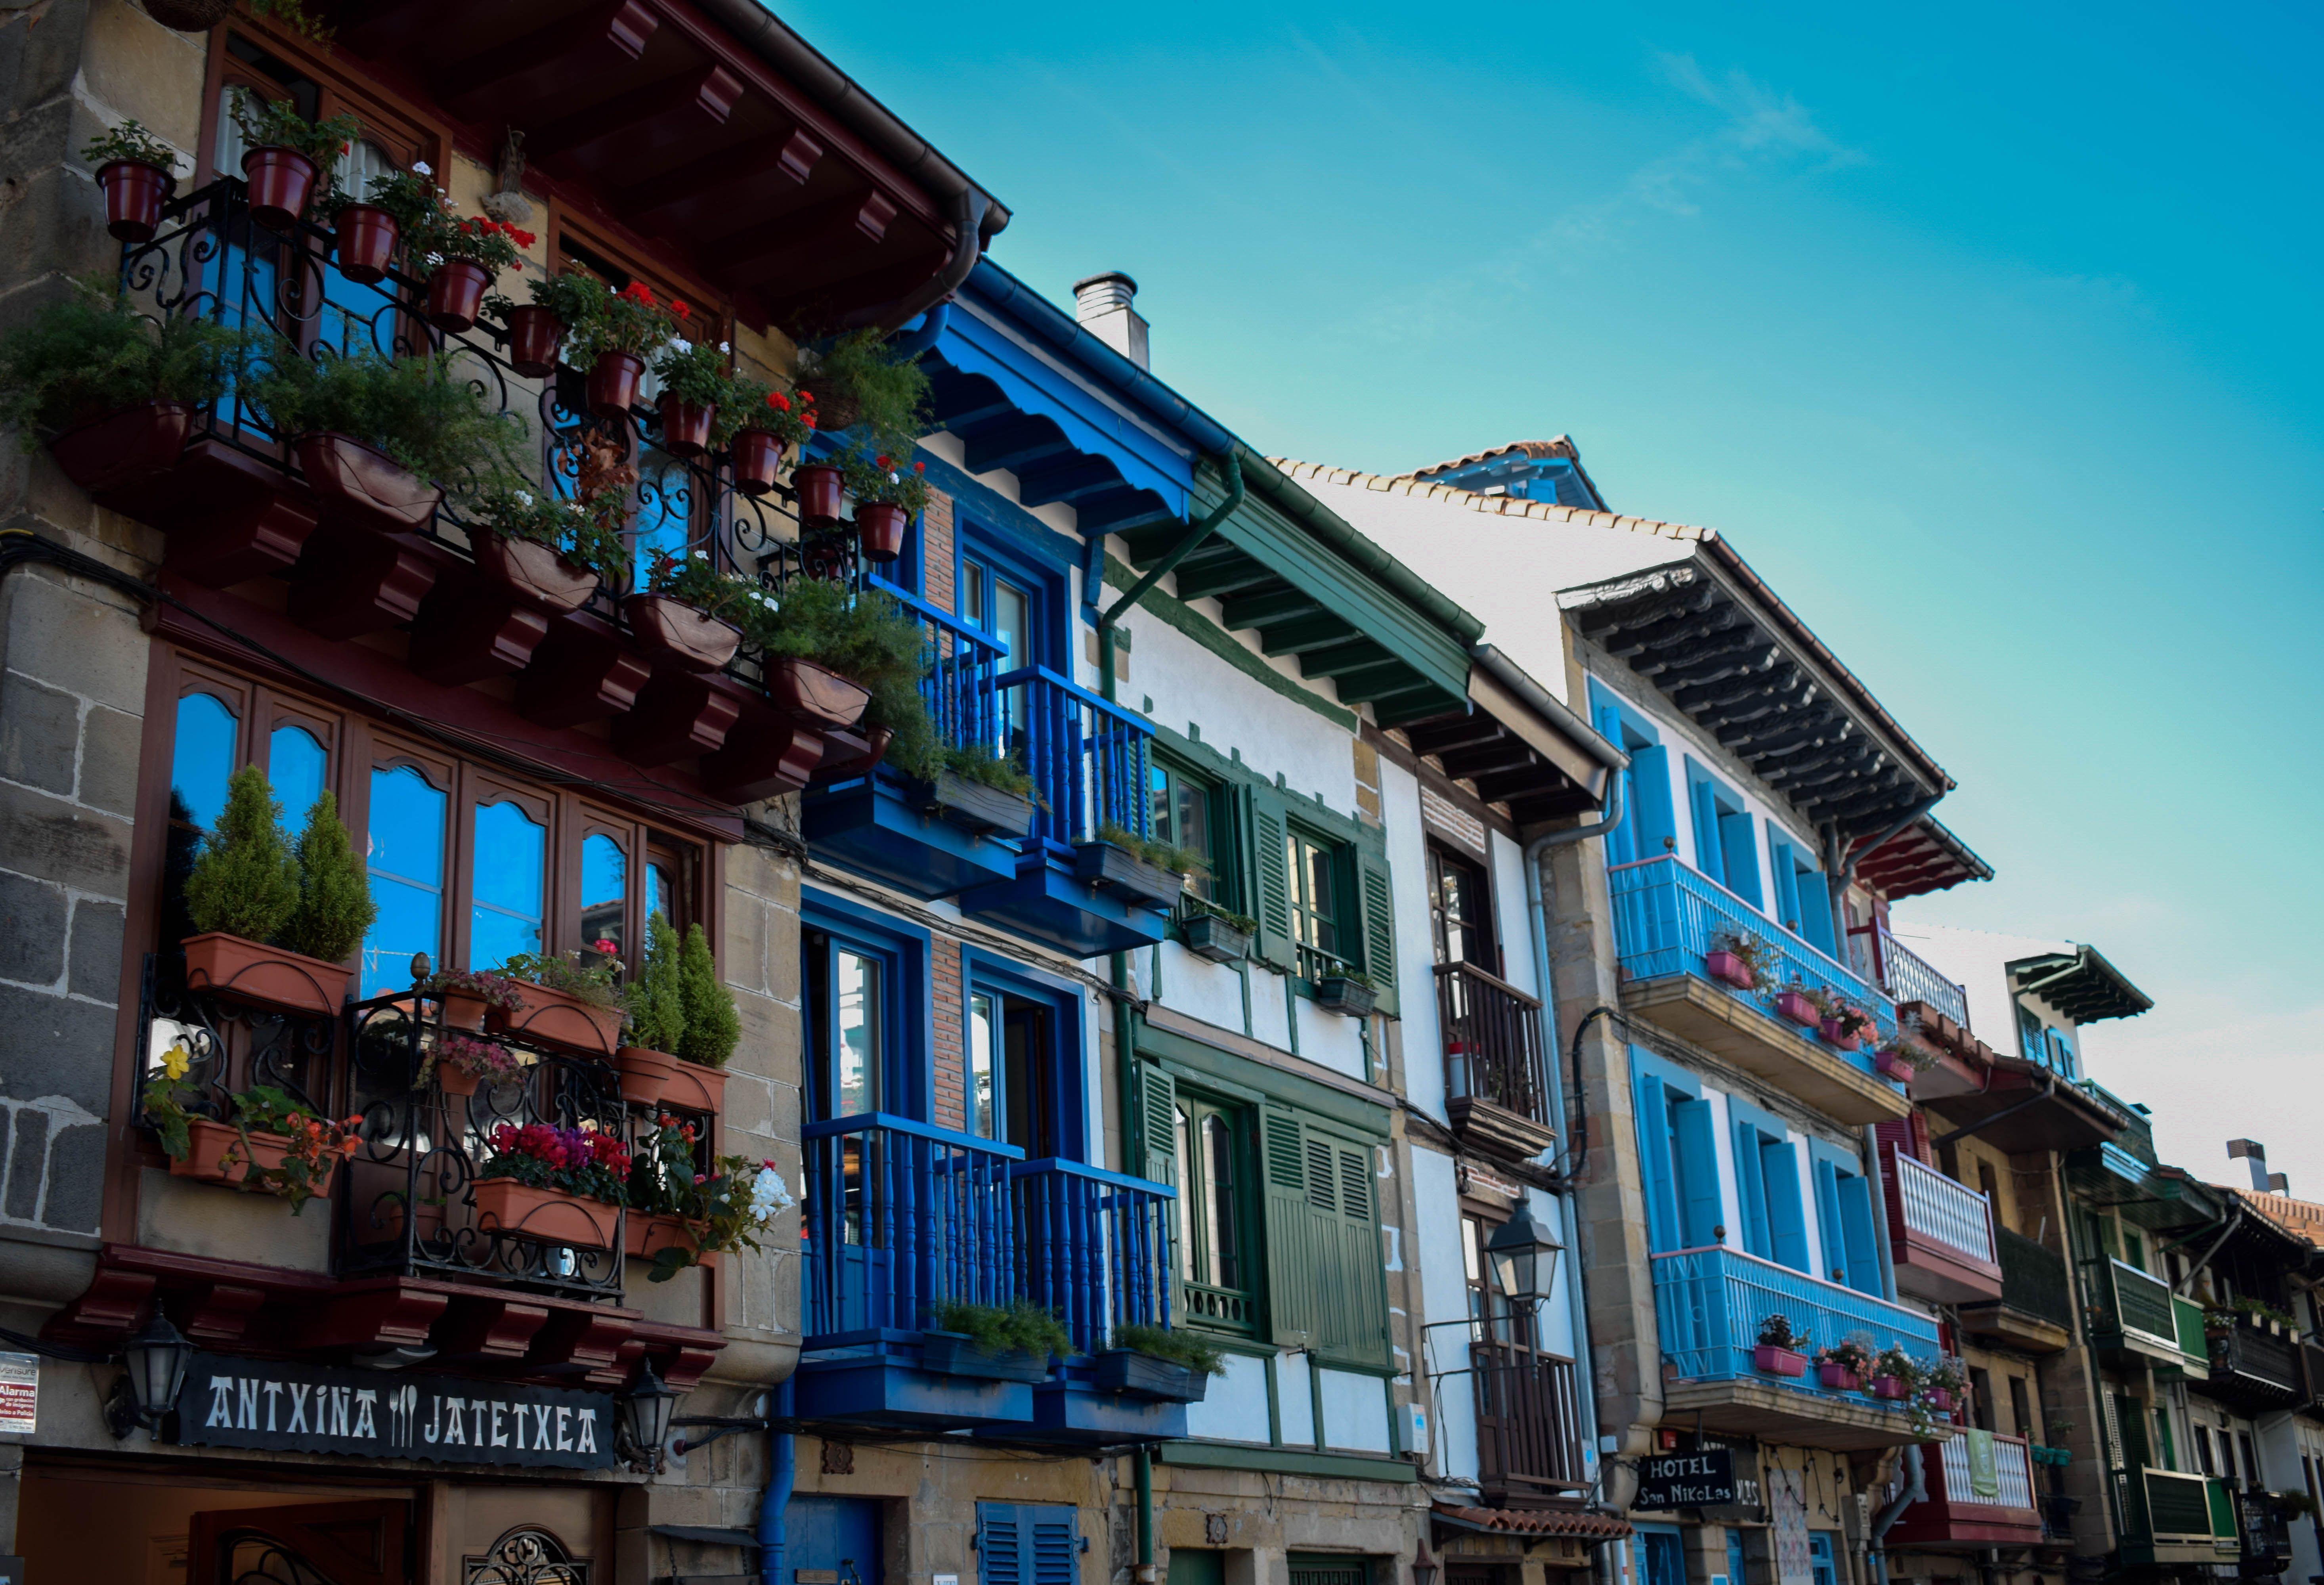 Qué hacer en Hondarribia, uno de los pueblos más bonitos del país vasco